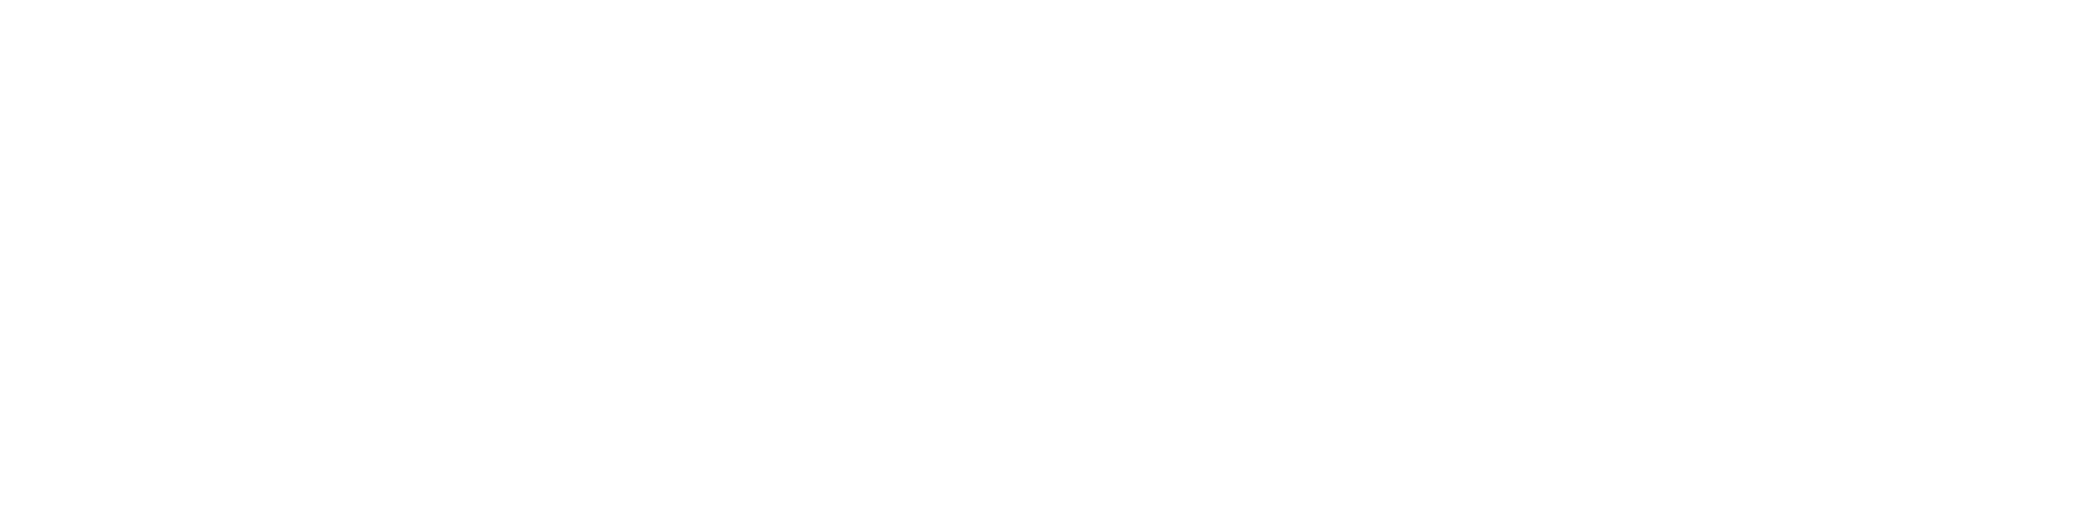 Crédit Agricole Assurances logo blanc